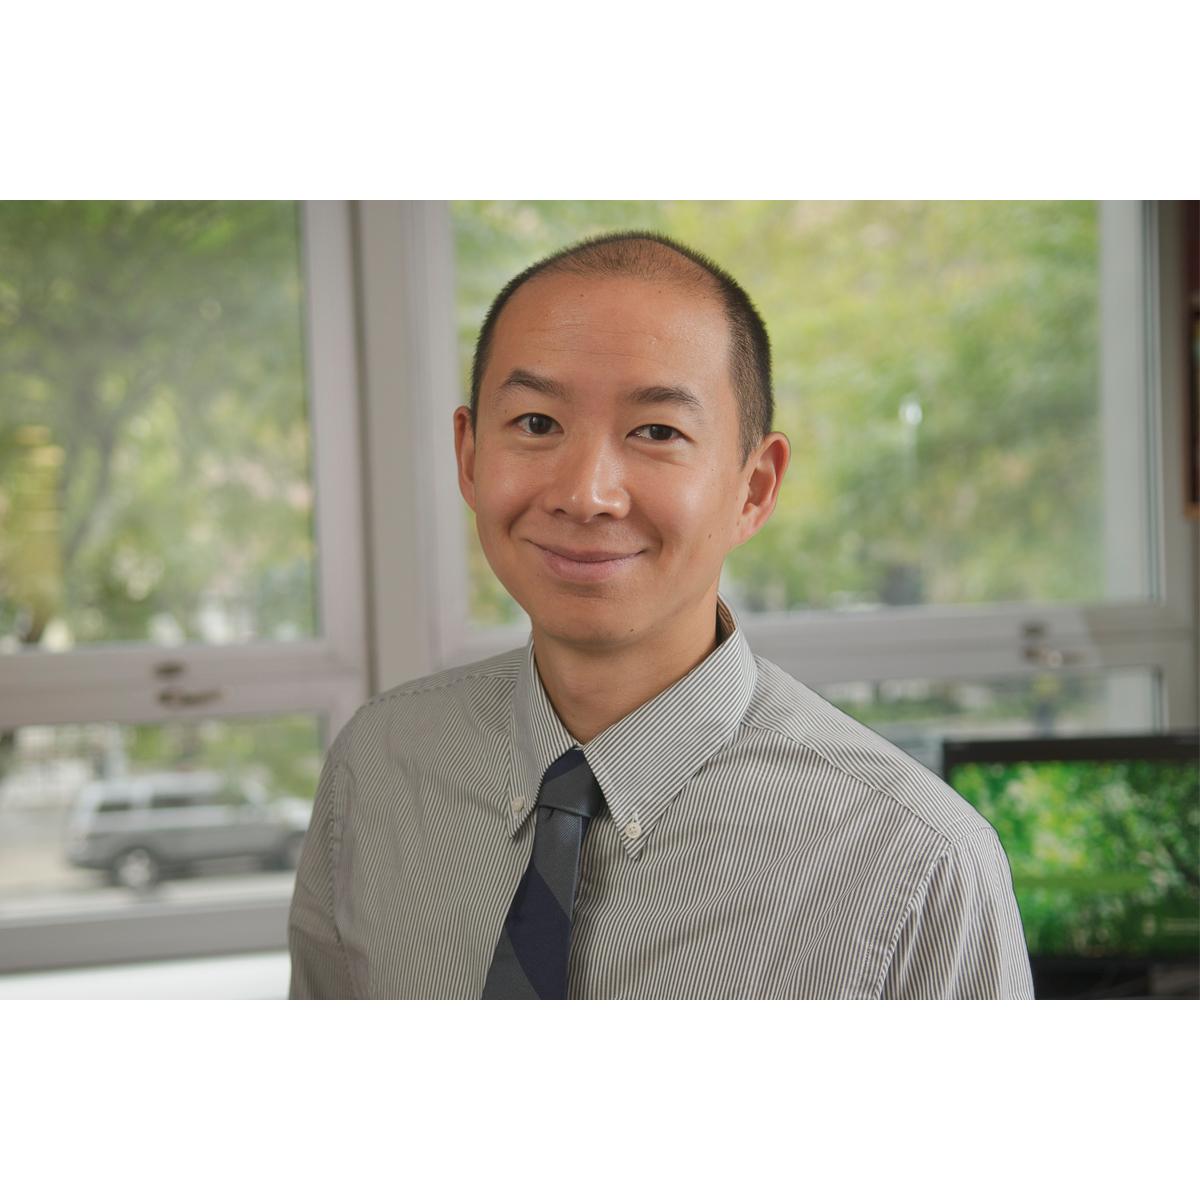 Abraham J. Wu